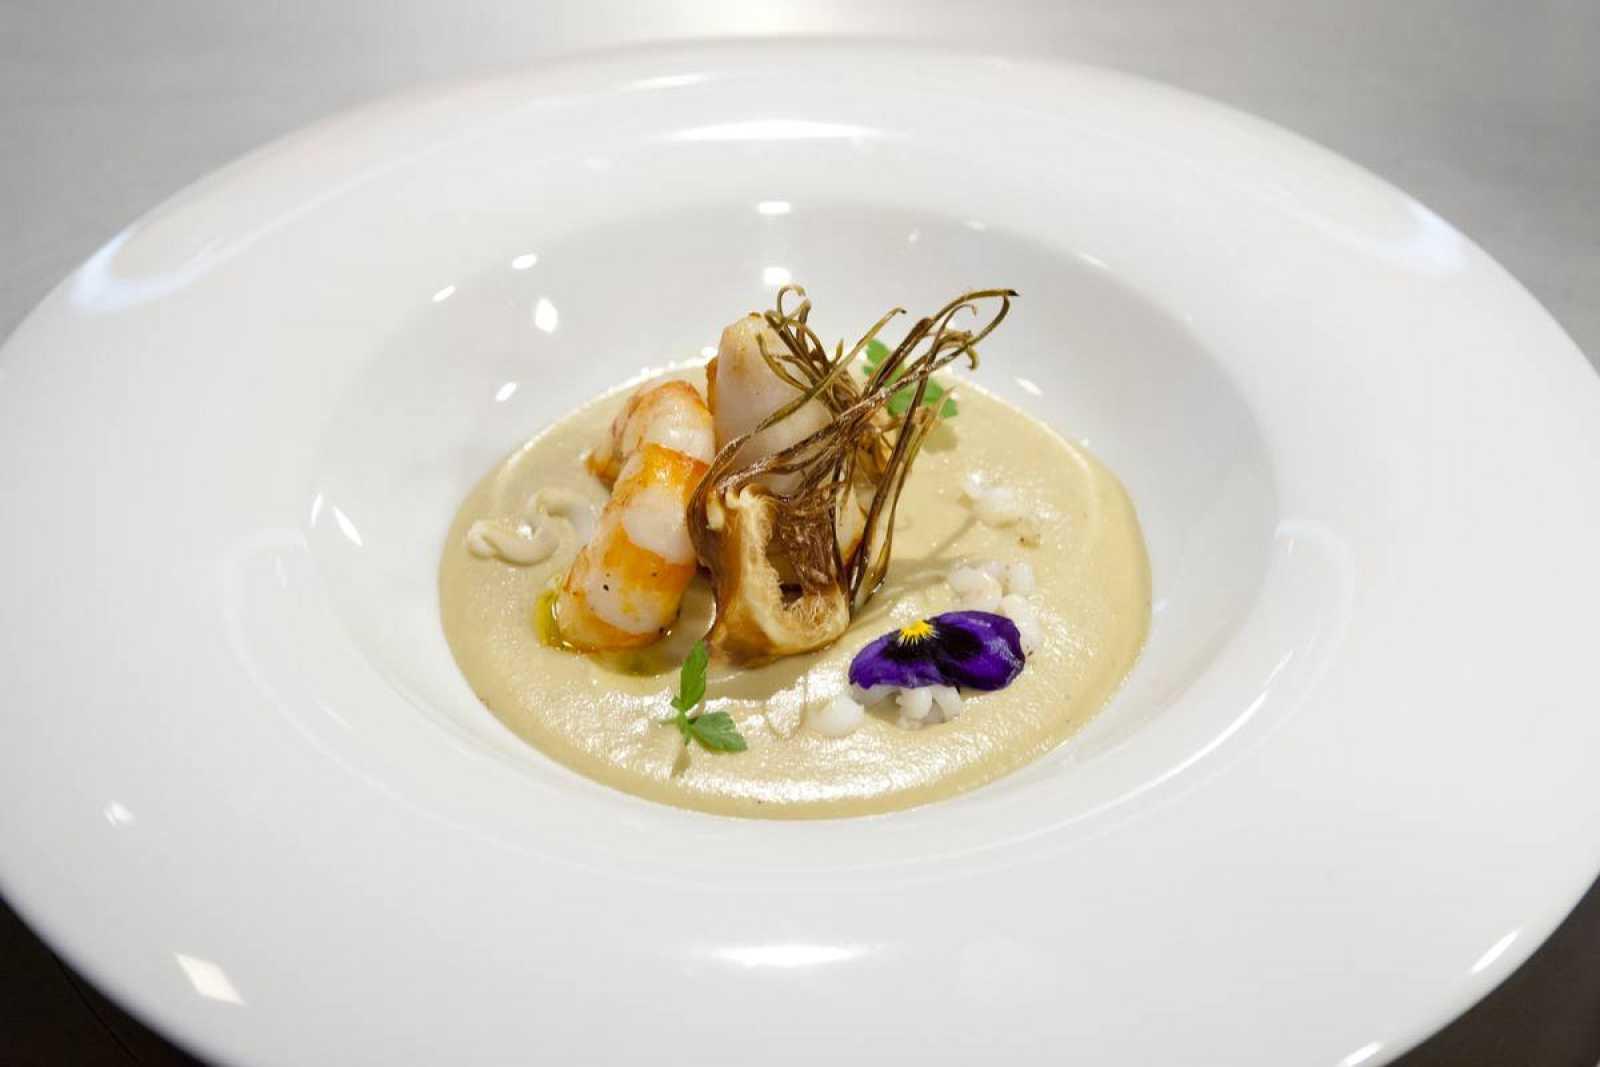 Crema de puerro y anchoas con crujiente de alcachofas y calamar relleno